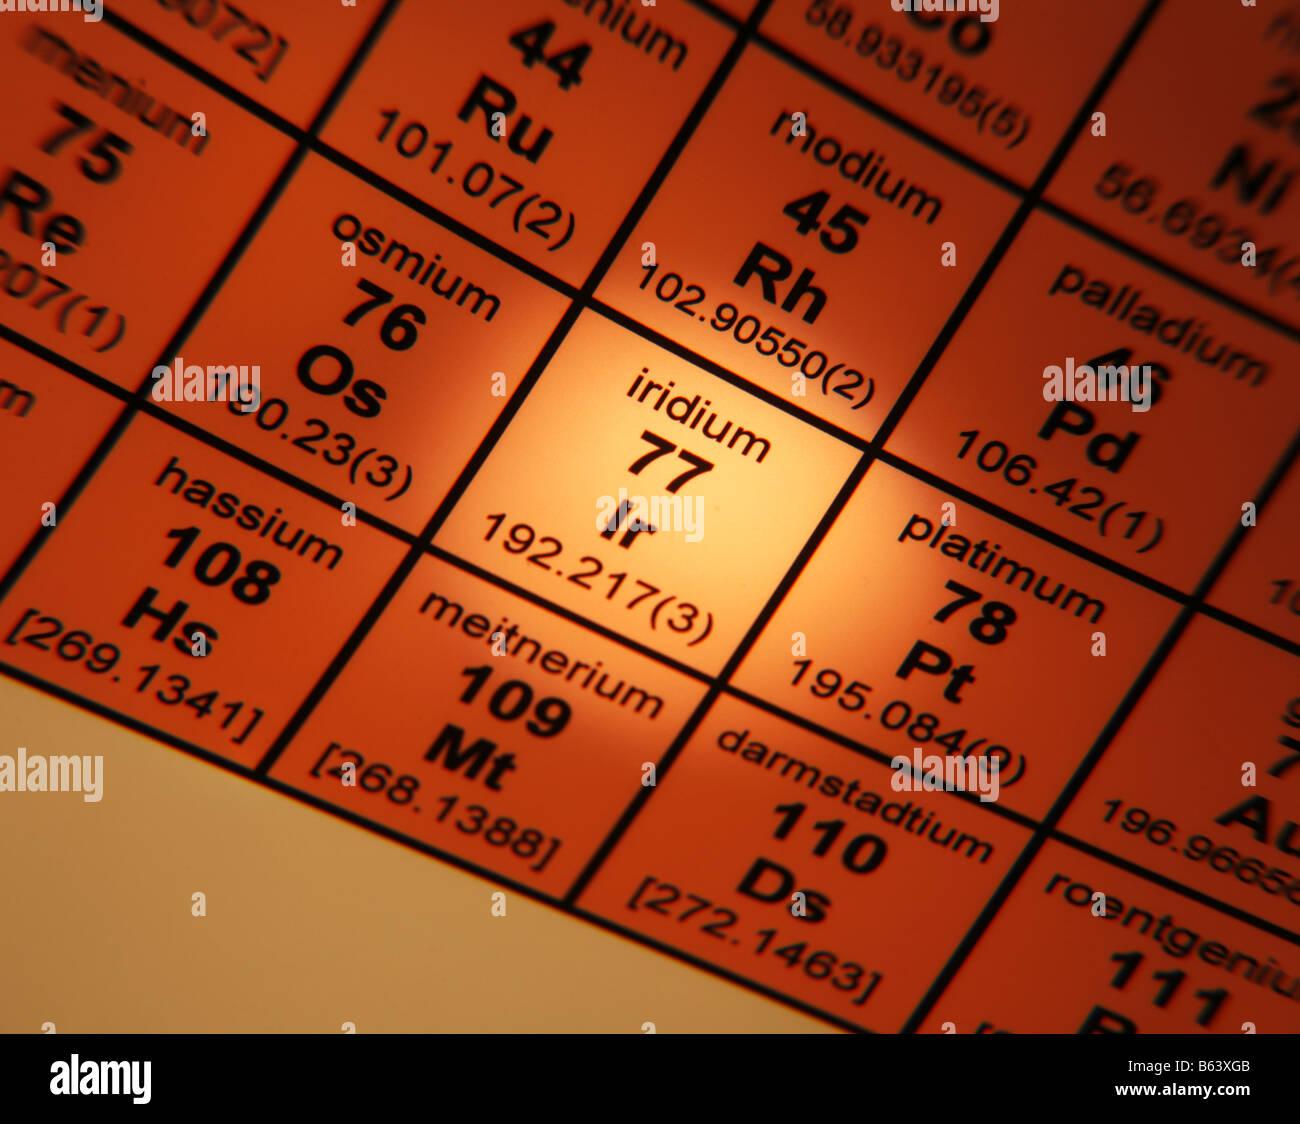 Tavola periodica degli elementi iridio Immagini Stock